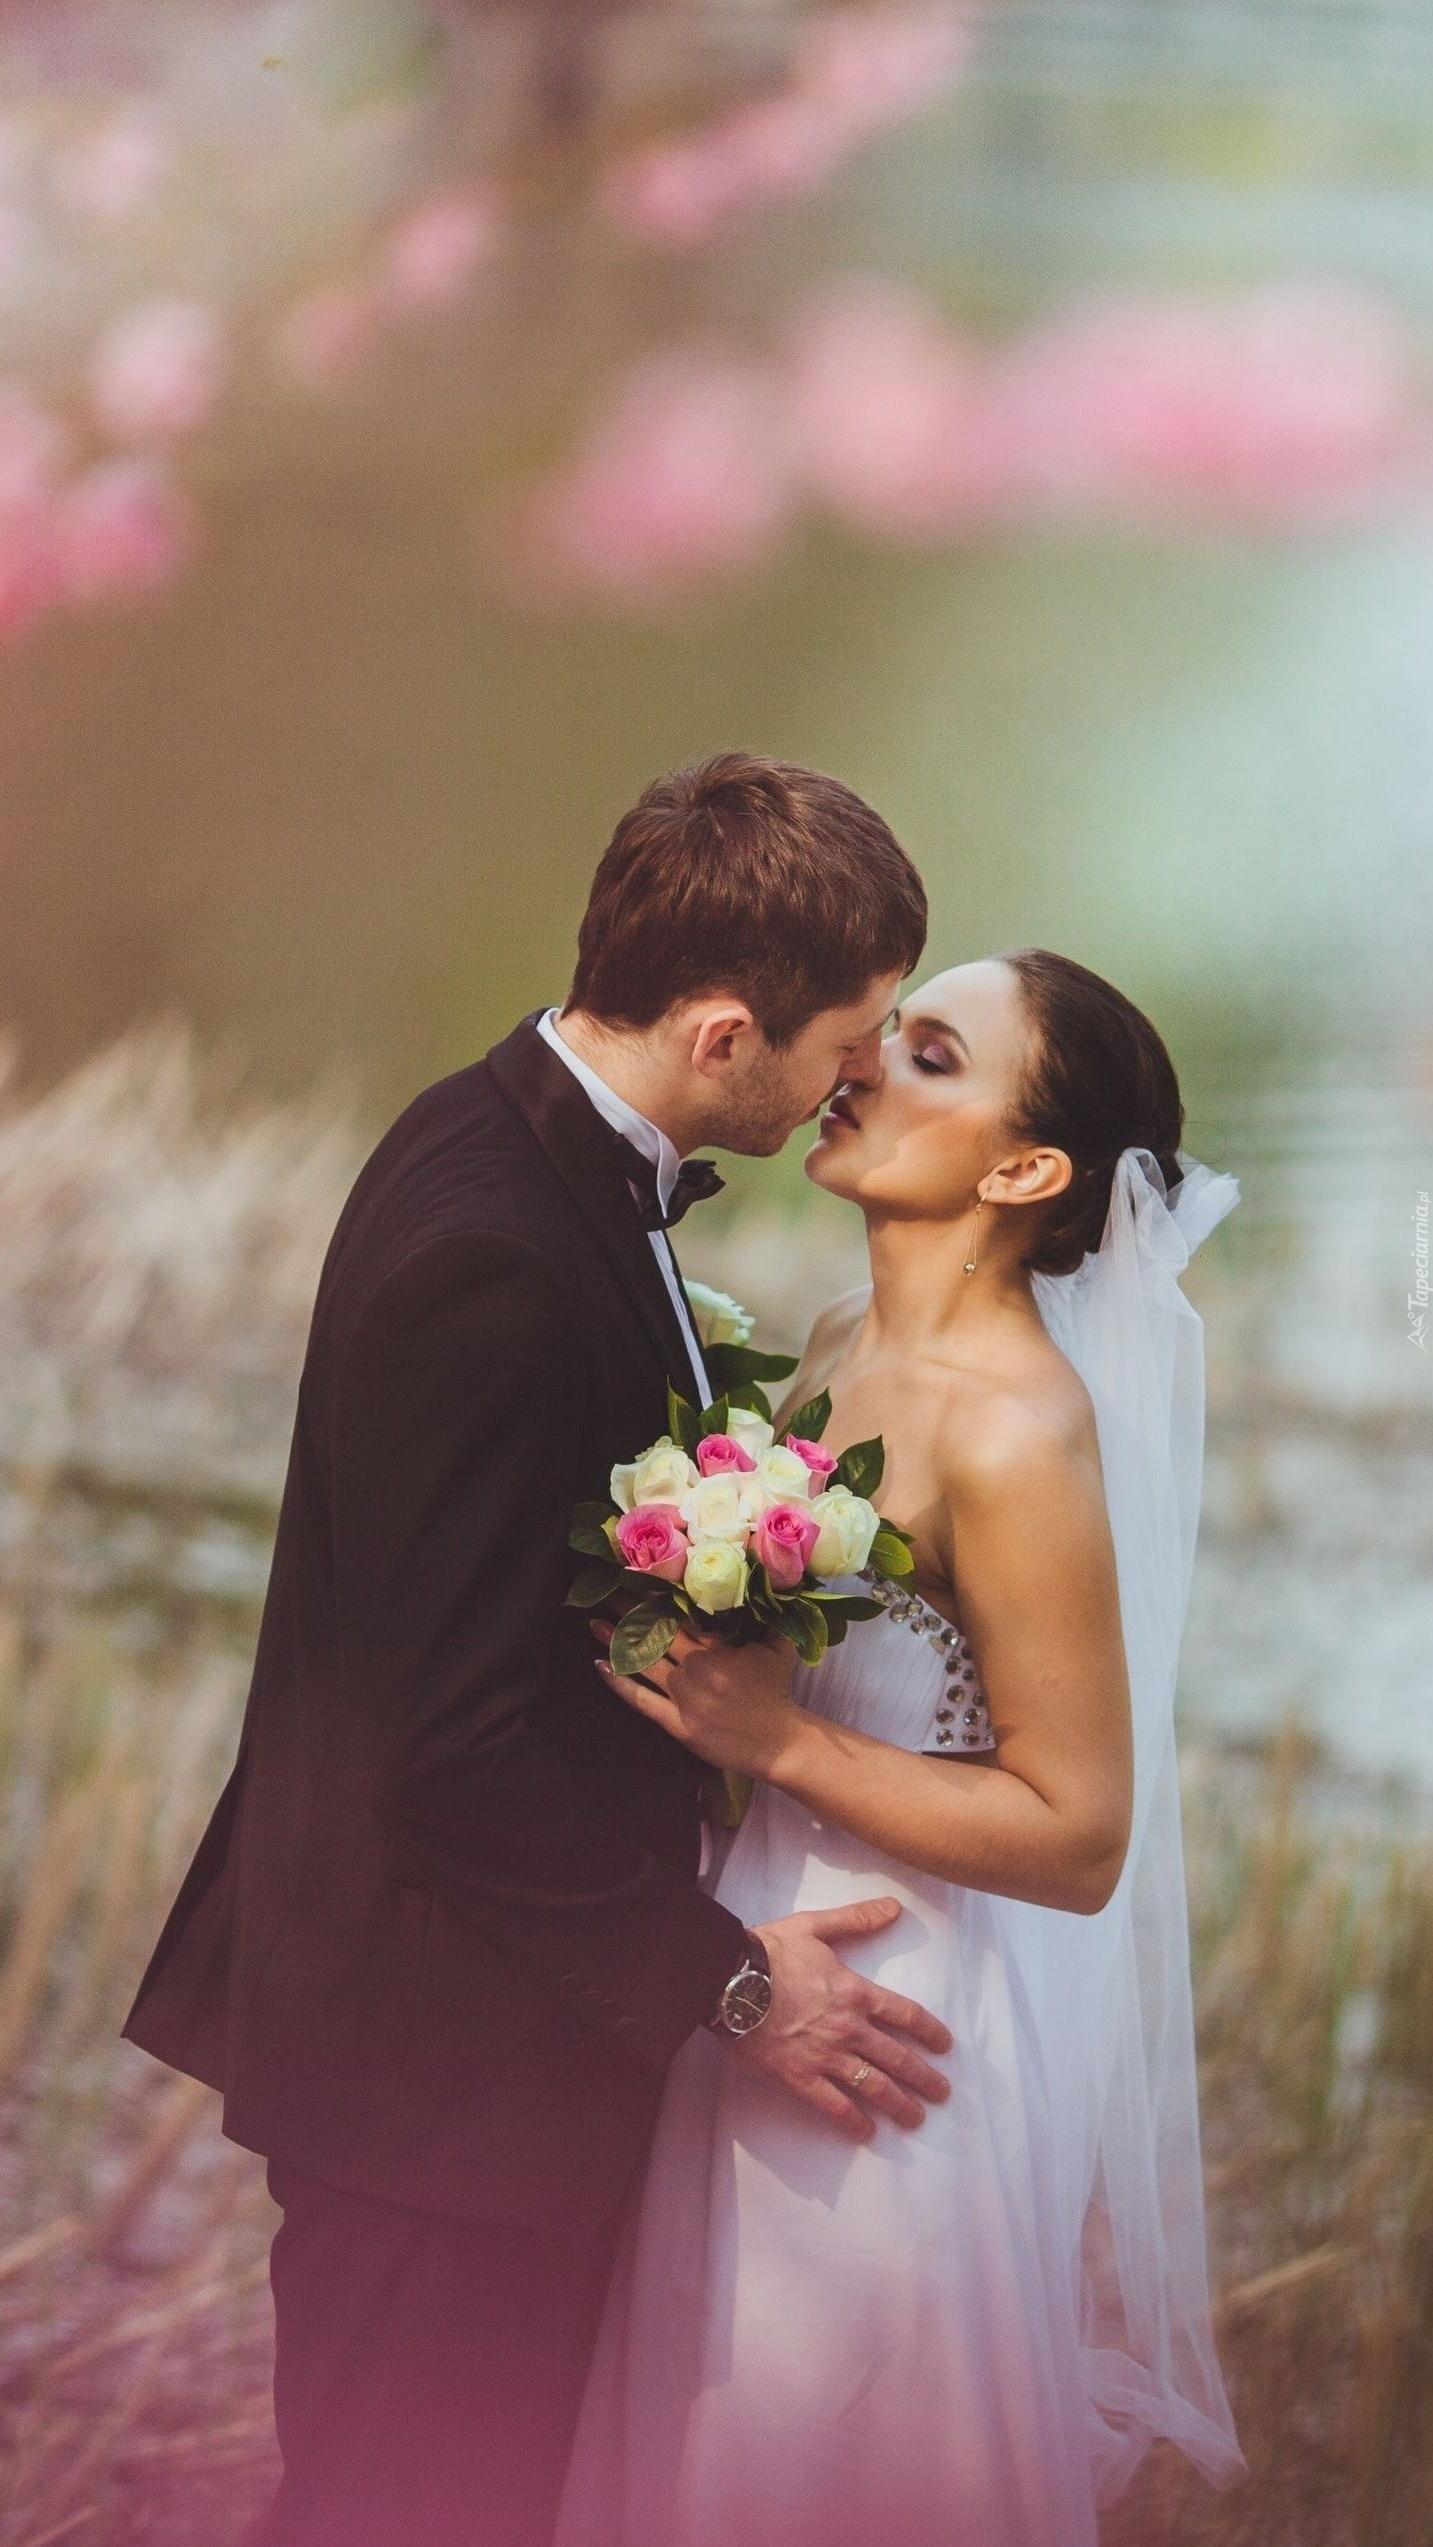 Pierwszy pocałunek po zaślubinach